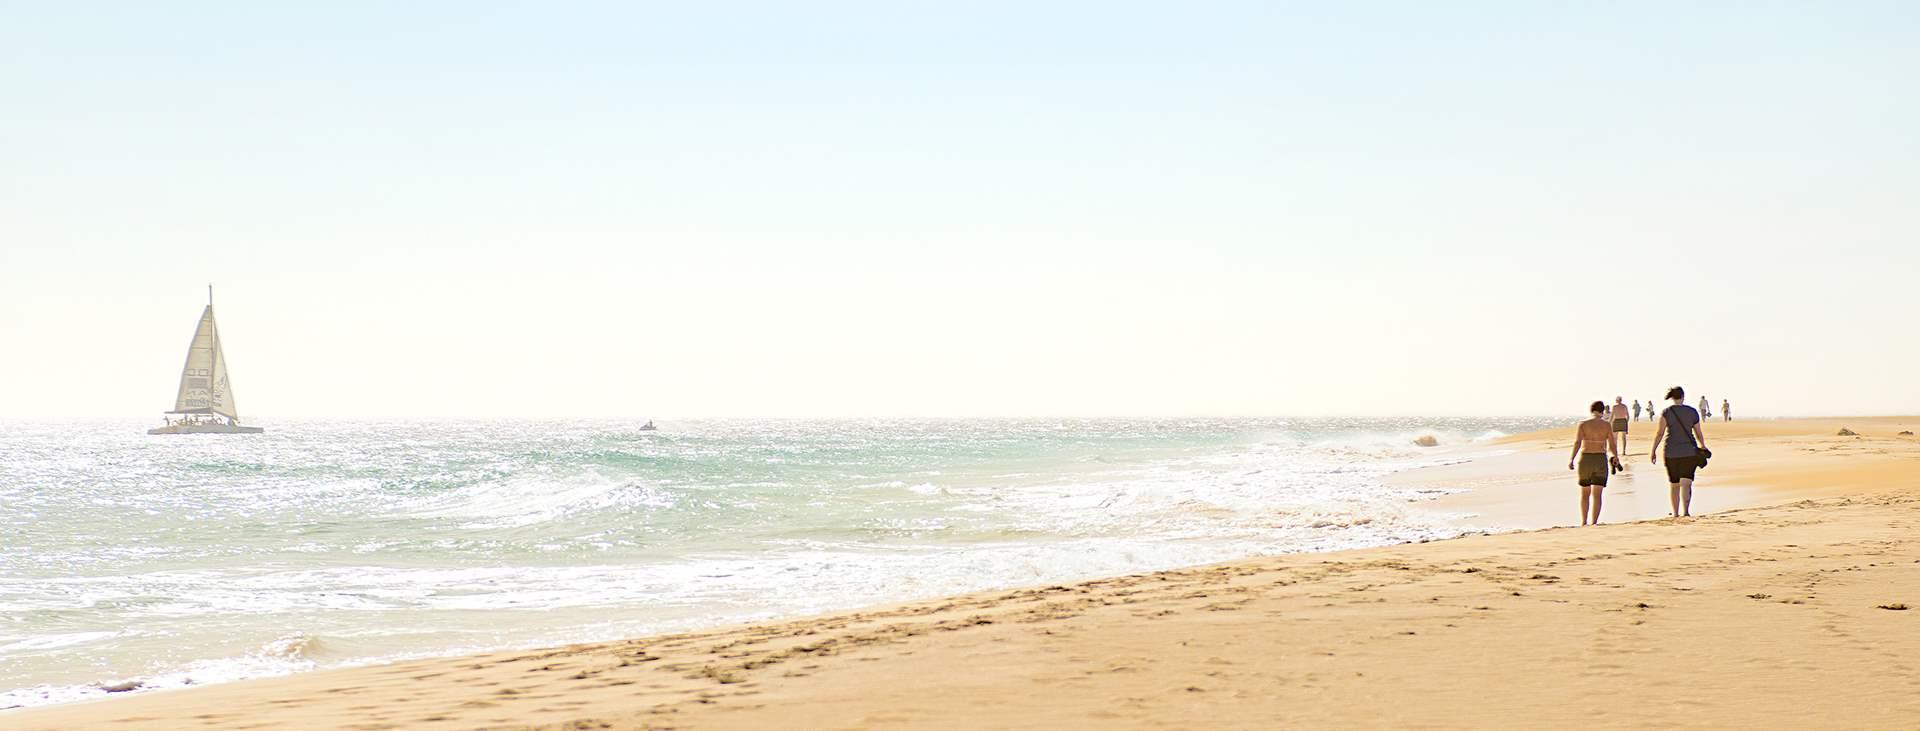 Varaa matka aurinkovarmalle Kap Verdelle!